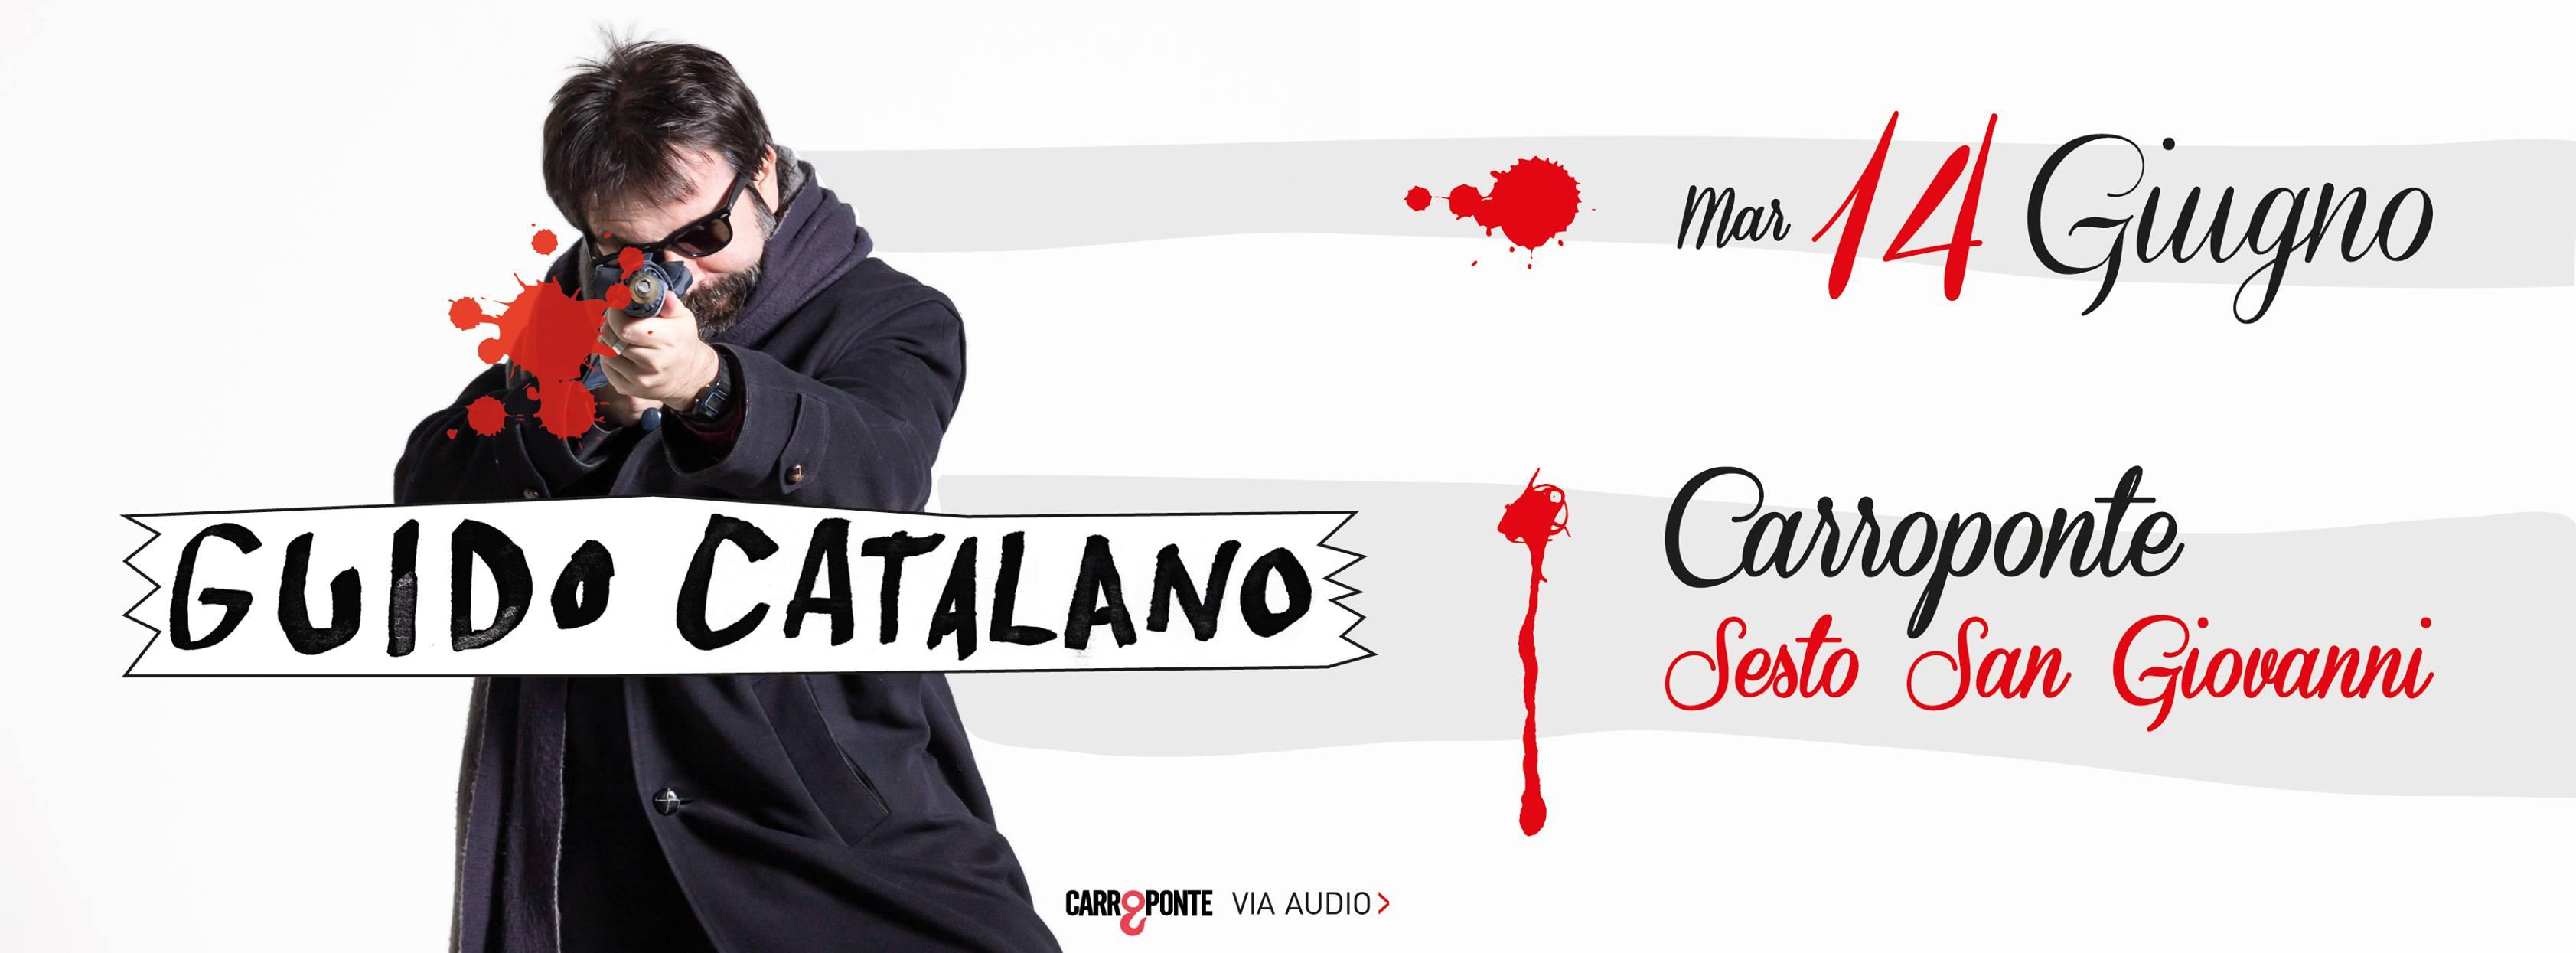 Guido Catalano - Carroponte